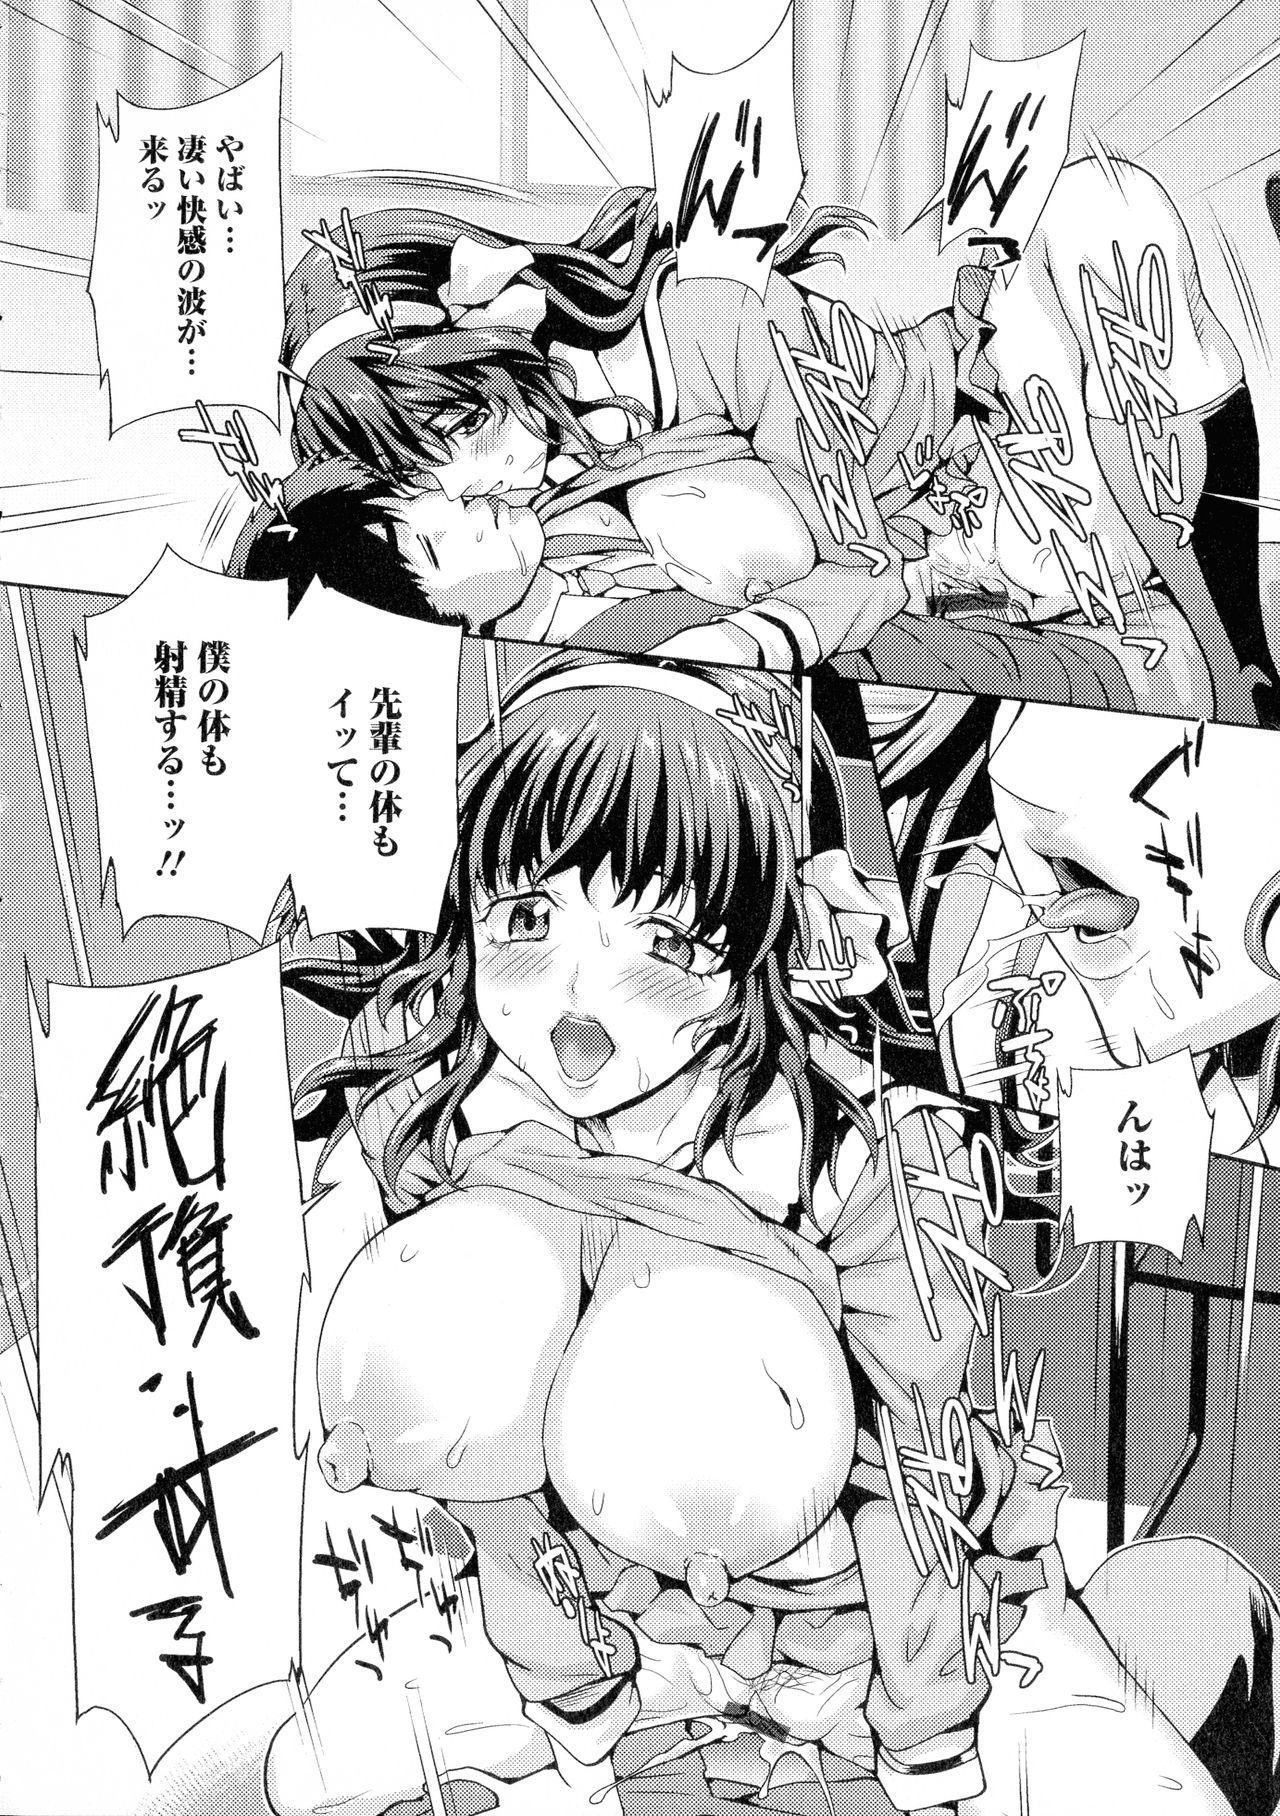 Futanari Tsunagari - Androgynos Sexual intercourse 126